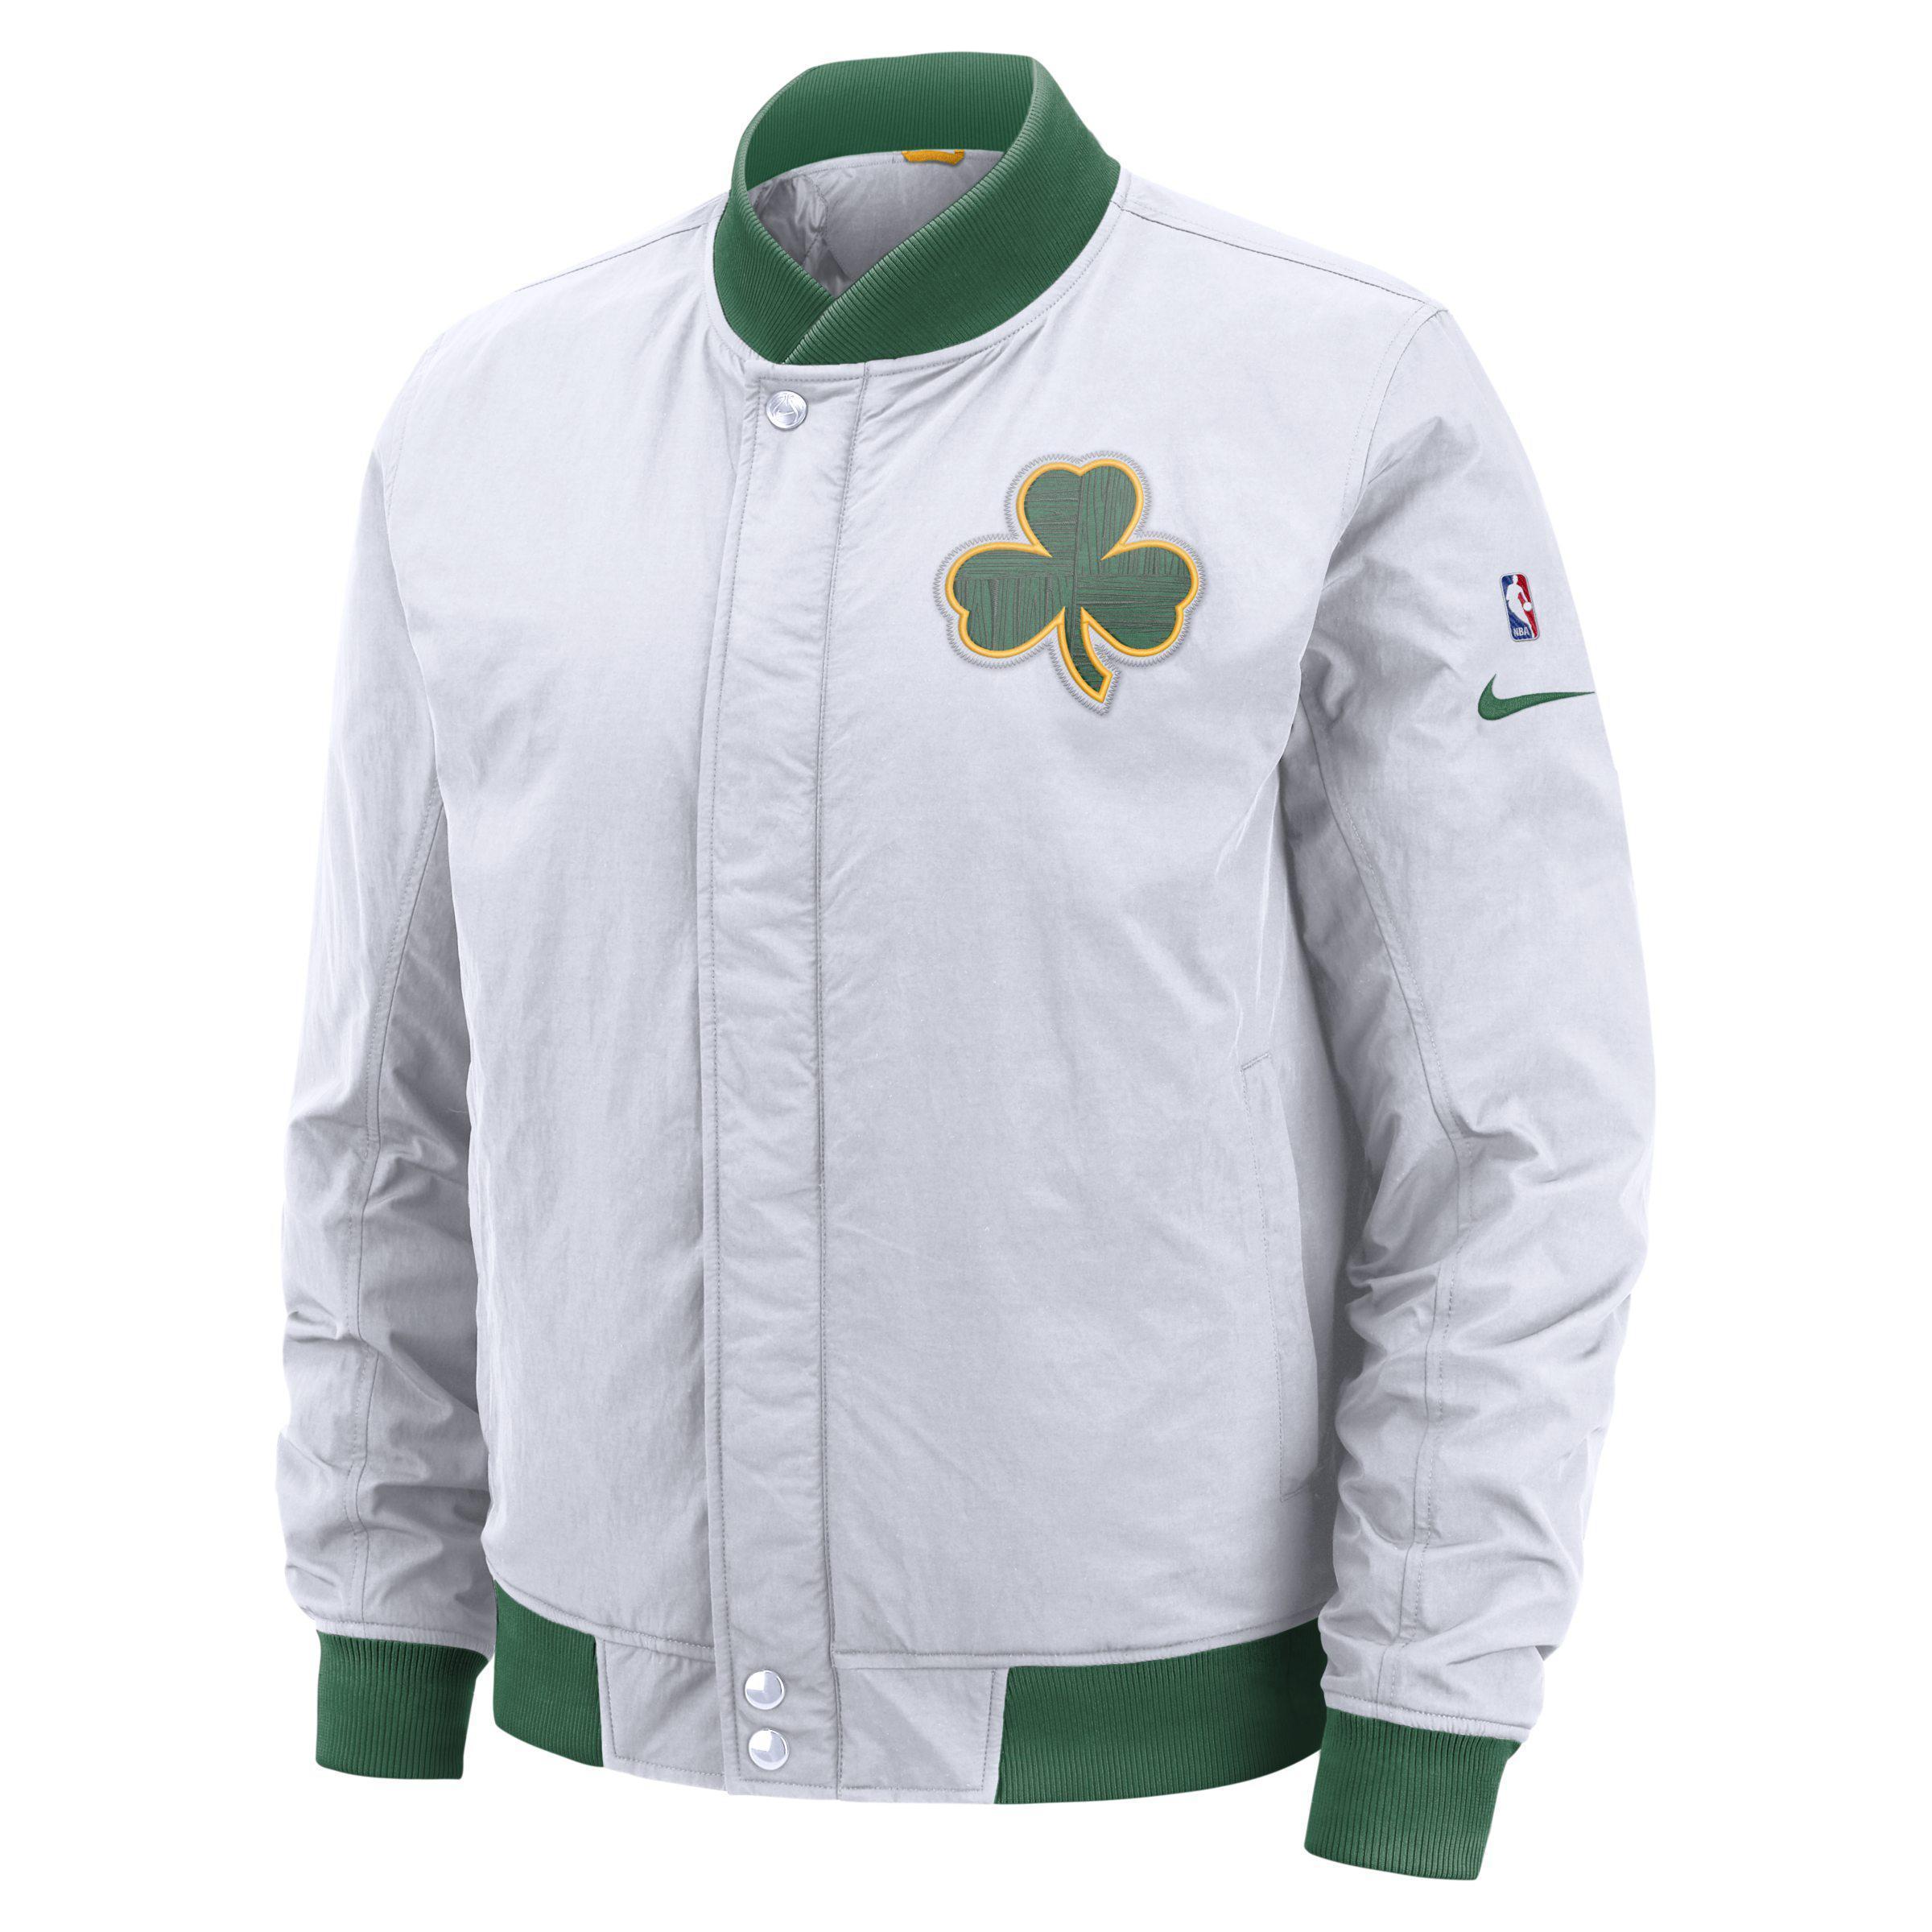 f42d74b50d1 Nike Boston Celtics Courtside Nba Jacket in White for Men - Lyst